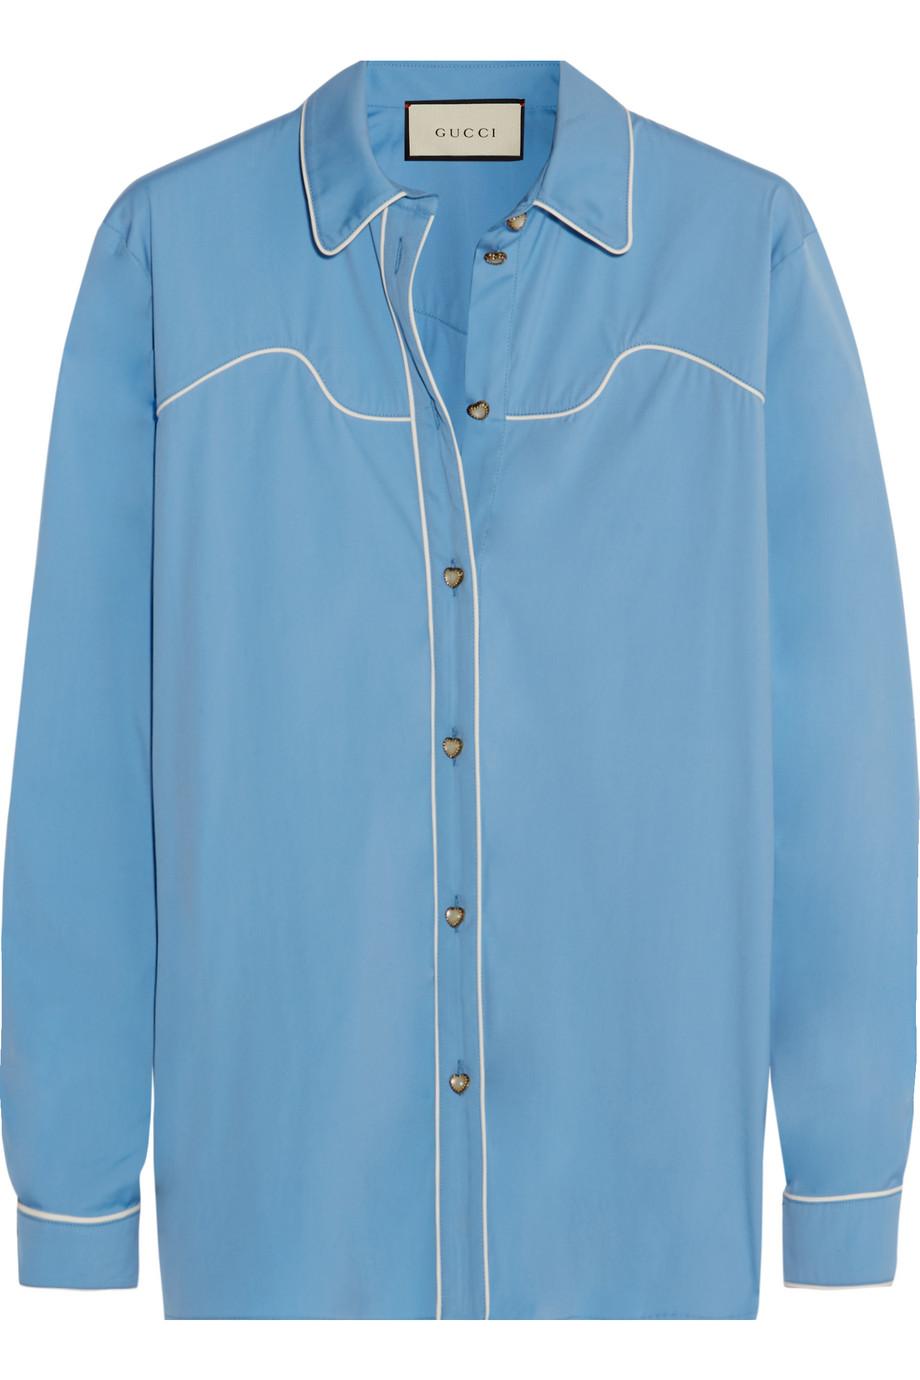 Gucci Silk-Trimmed Cotton-Blend Poplin Shirt, Light Blue, Women's, Size: 42